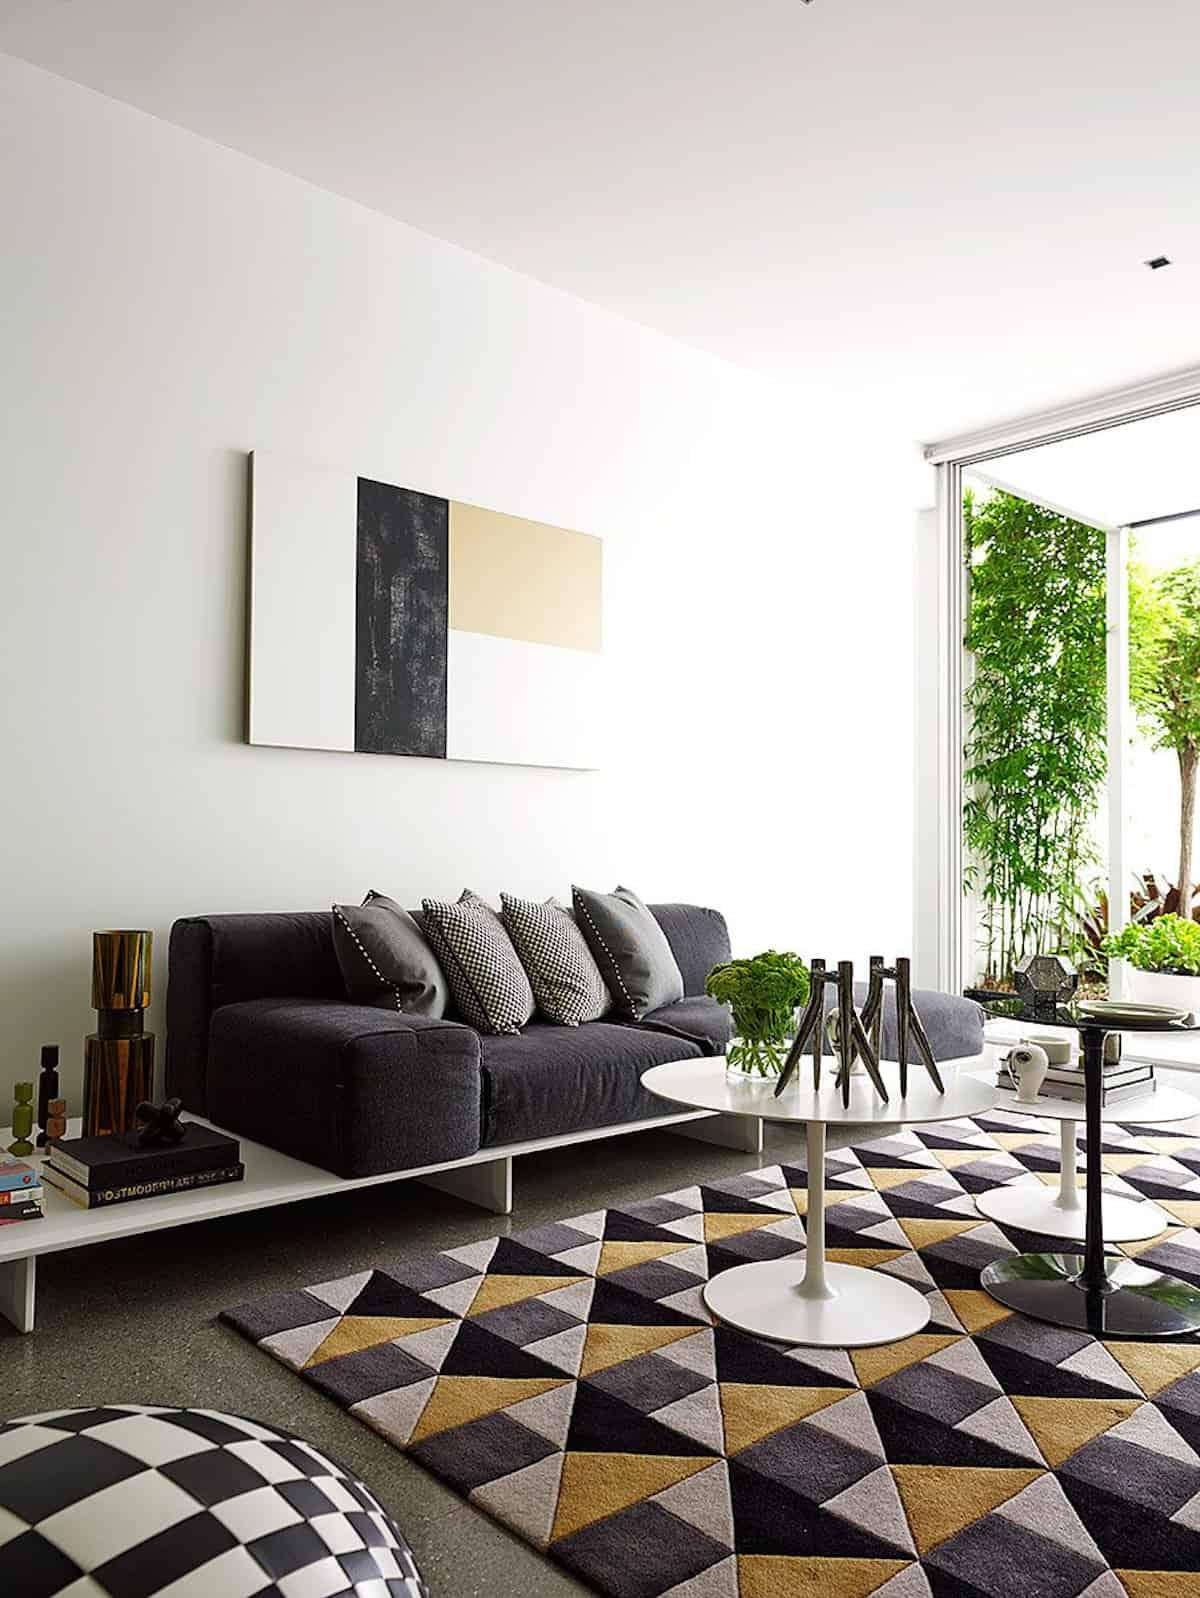 1615373983 686 Evi modernize etmek icin pratik ve basit fikirler